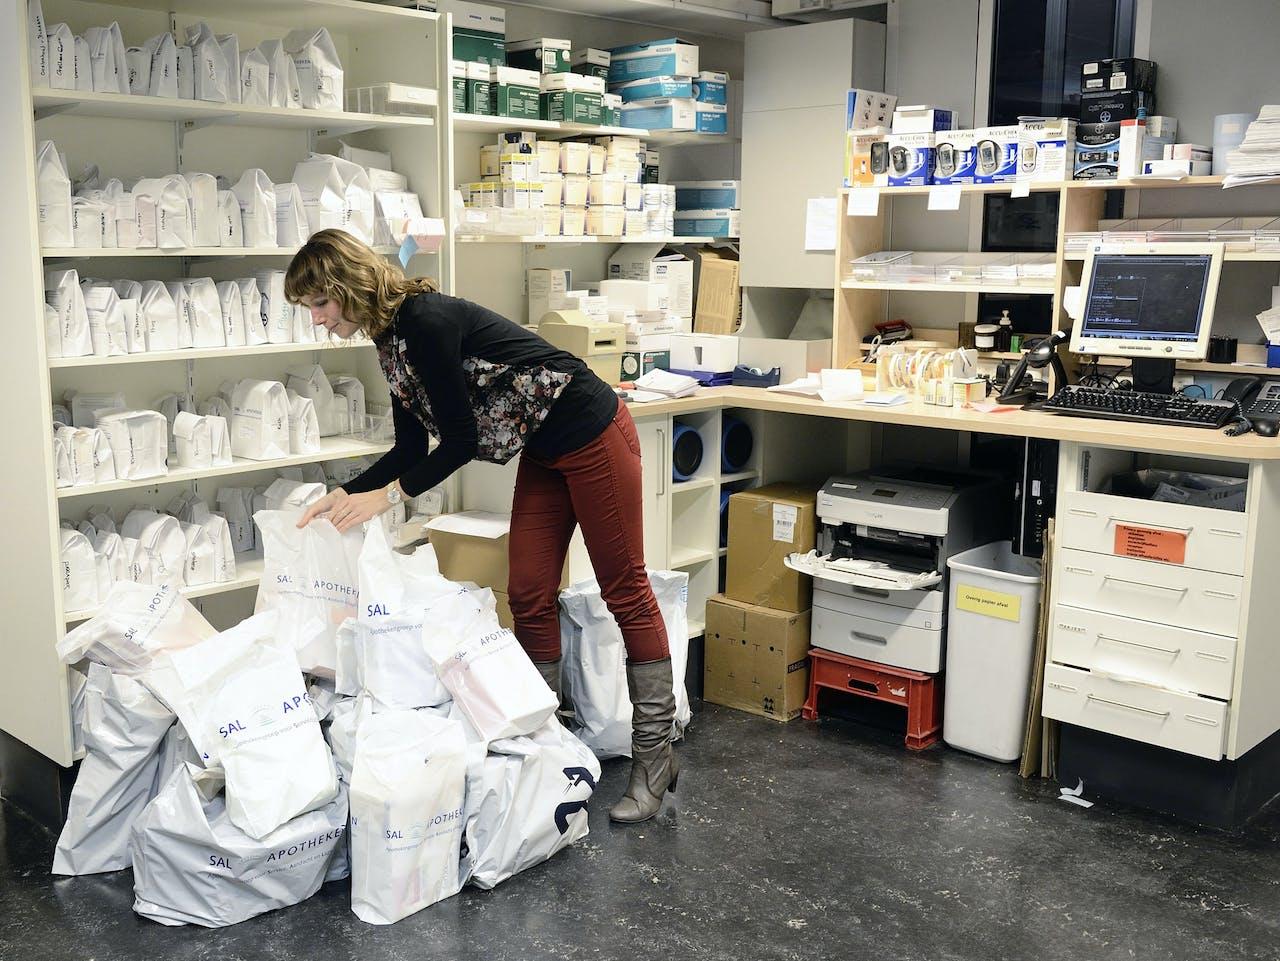 Illustratief beeld van een medewerkster van een apotheek die bestellingen gereed maakt.